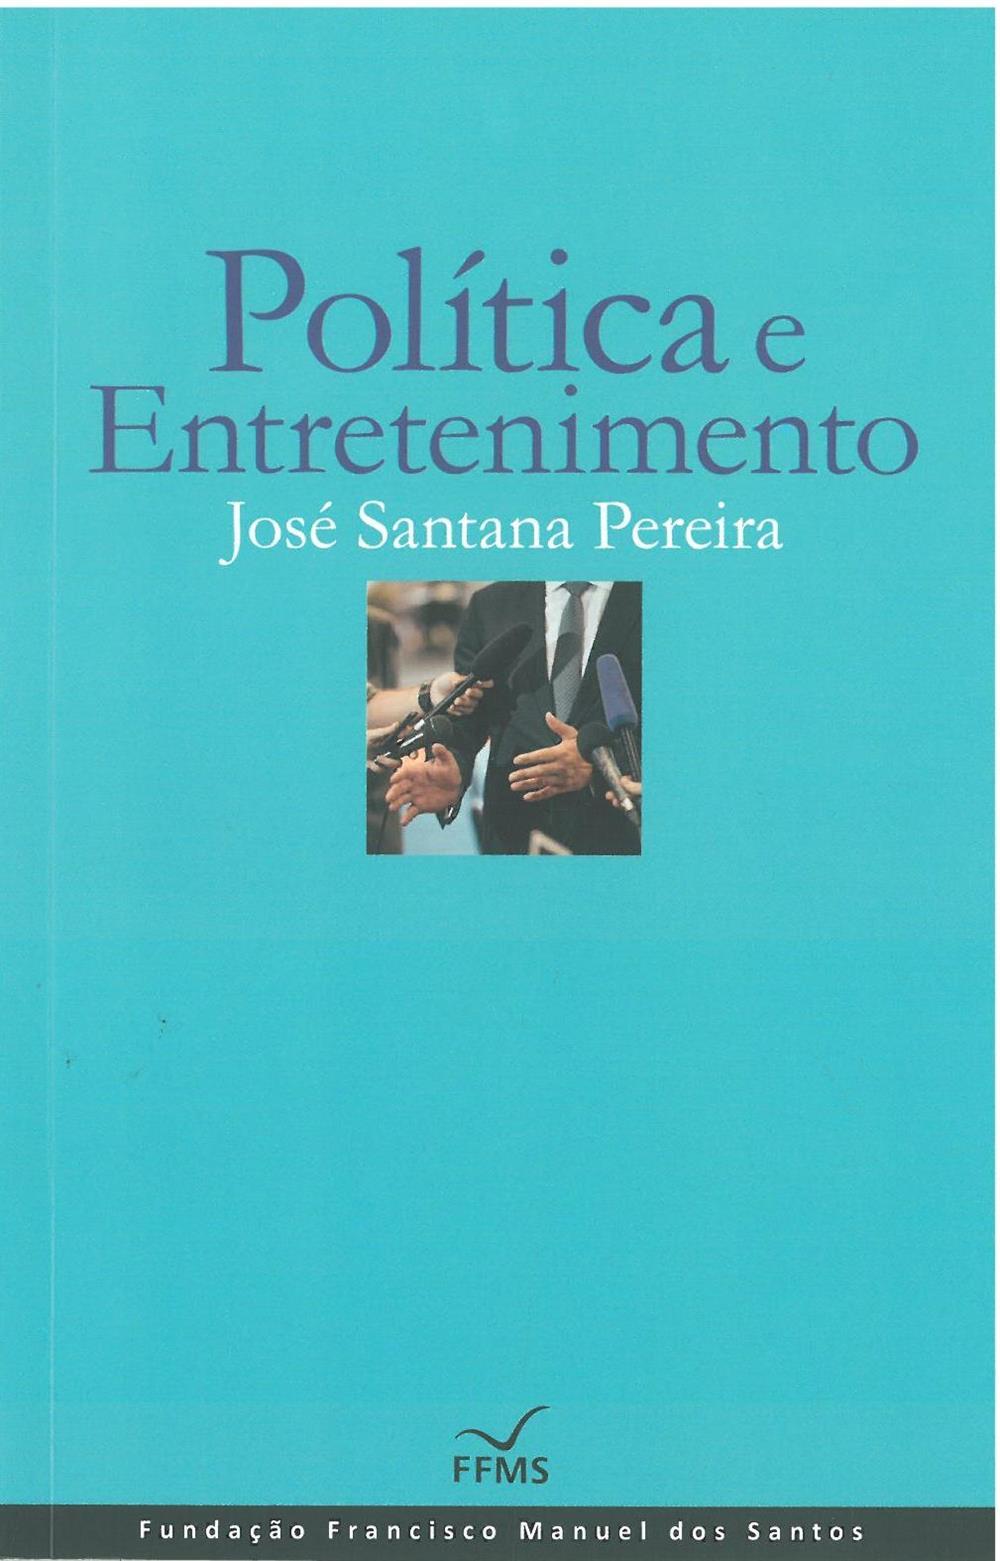 Política e entretenimento_.jpg